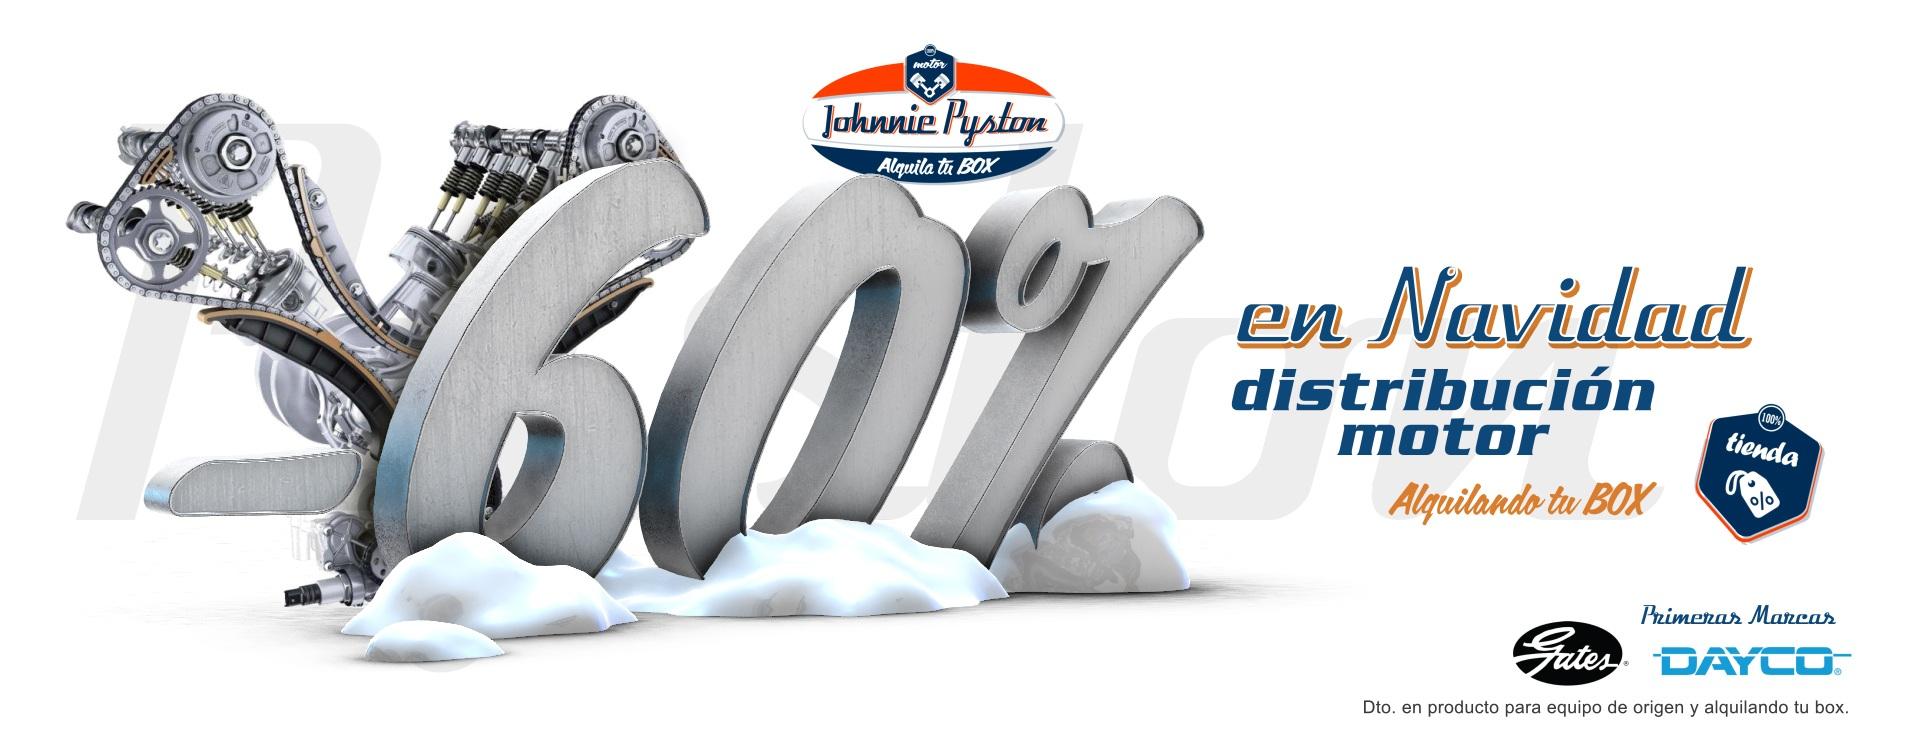 Johnnie Pyston Campaña de Navidad al 60% en Madrid by PerfectPixel Publicidad